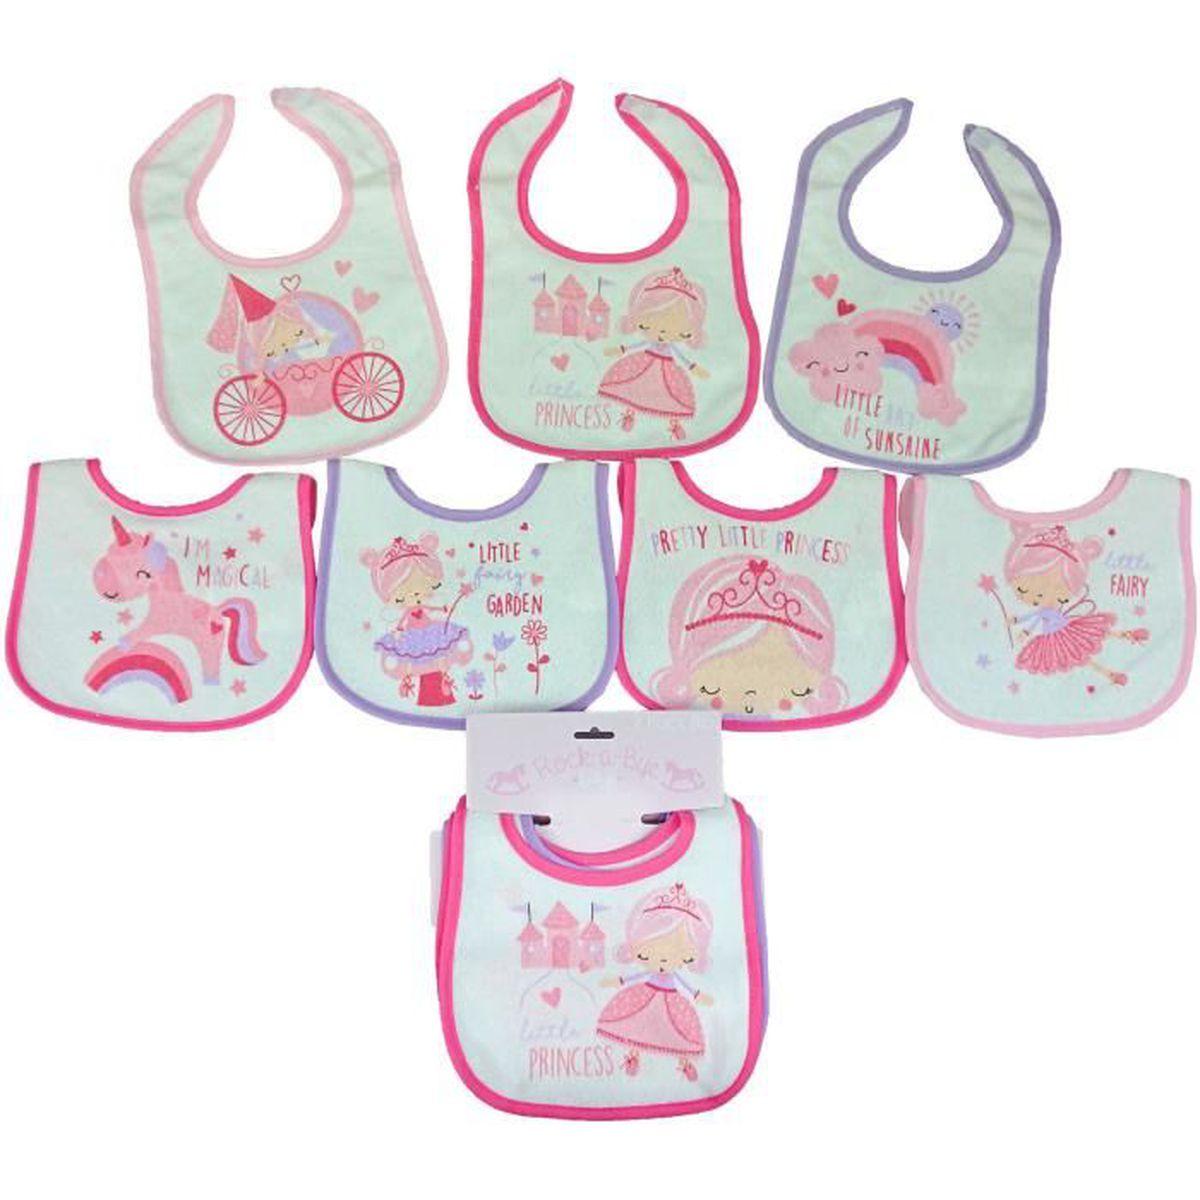 e24bbbbda1d70 Lot de 7 bavoirs naissance pour bébé fille thème